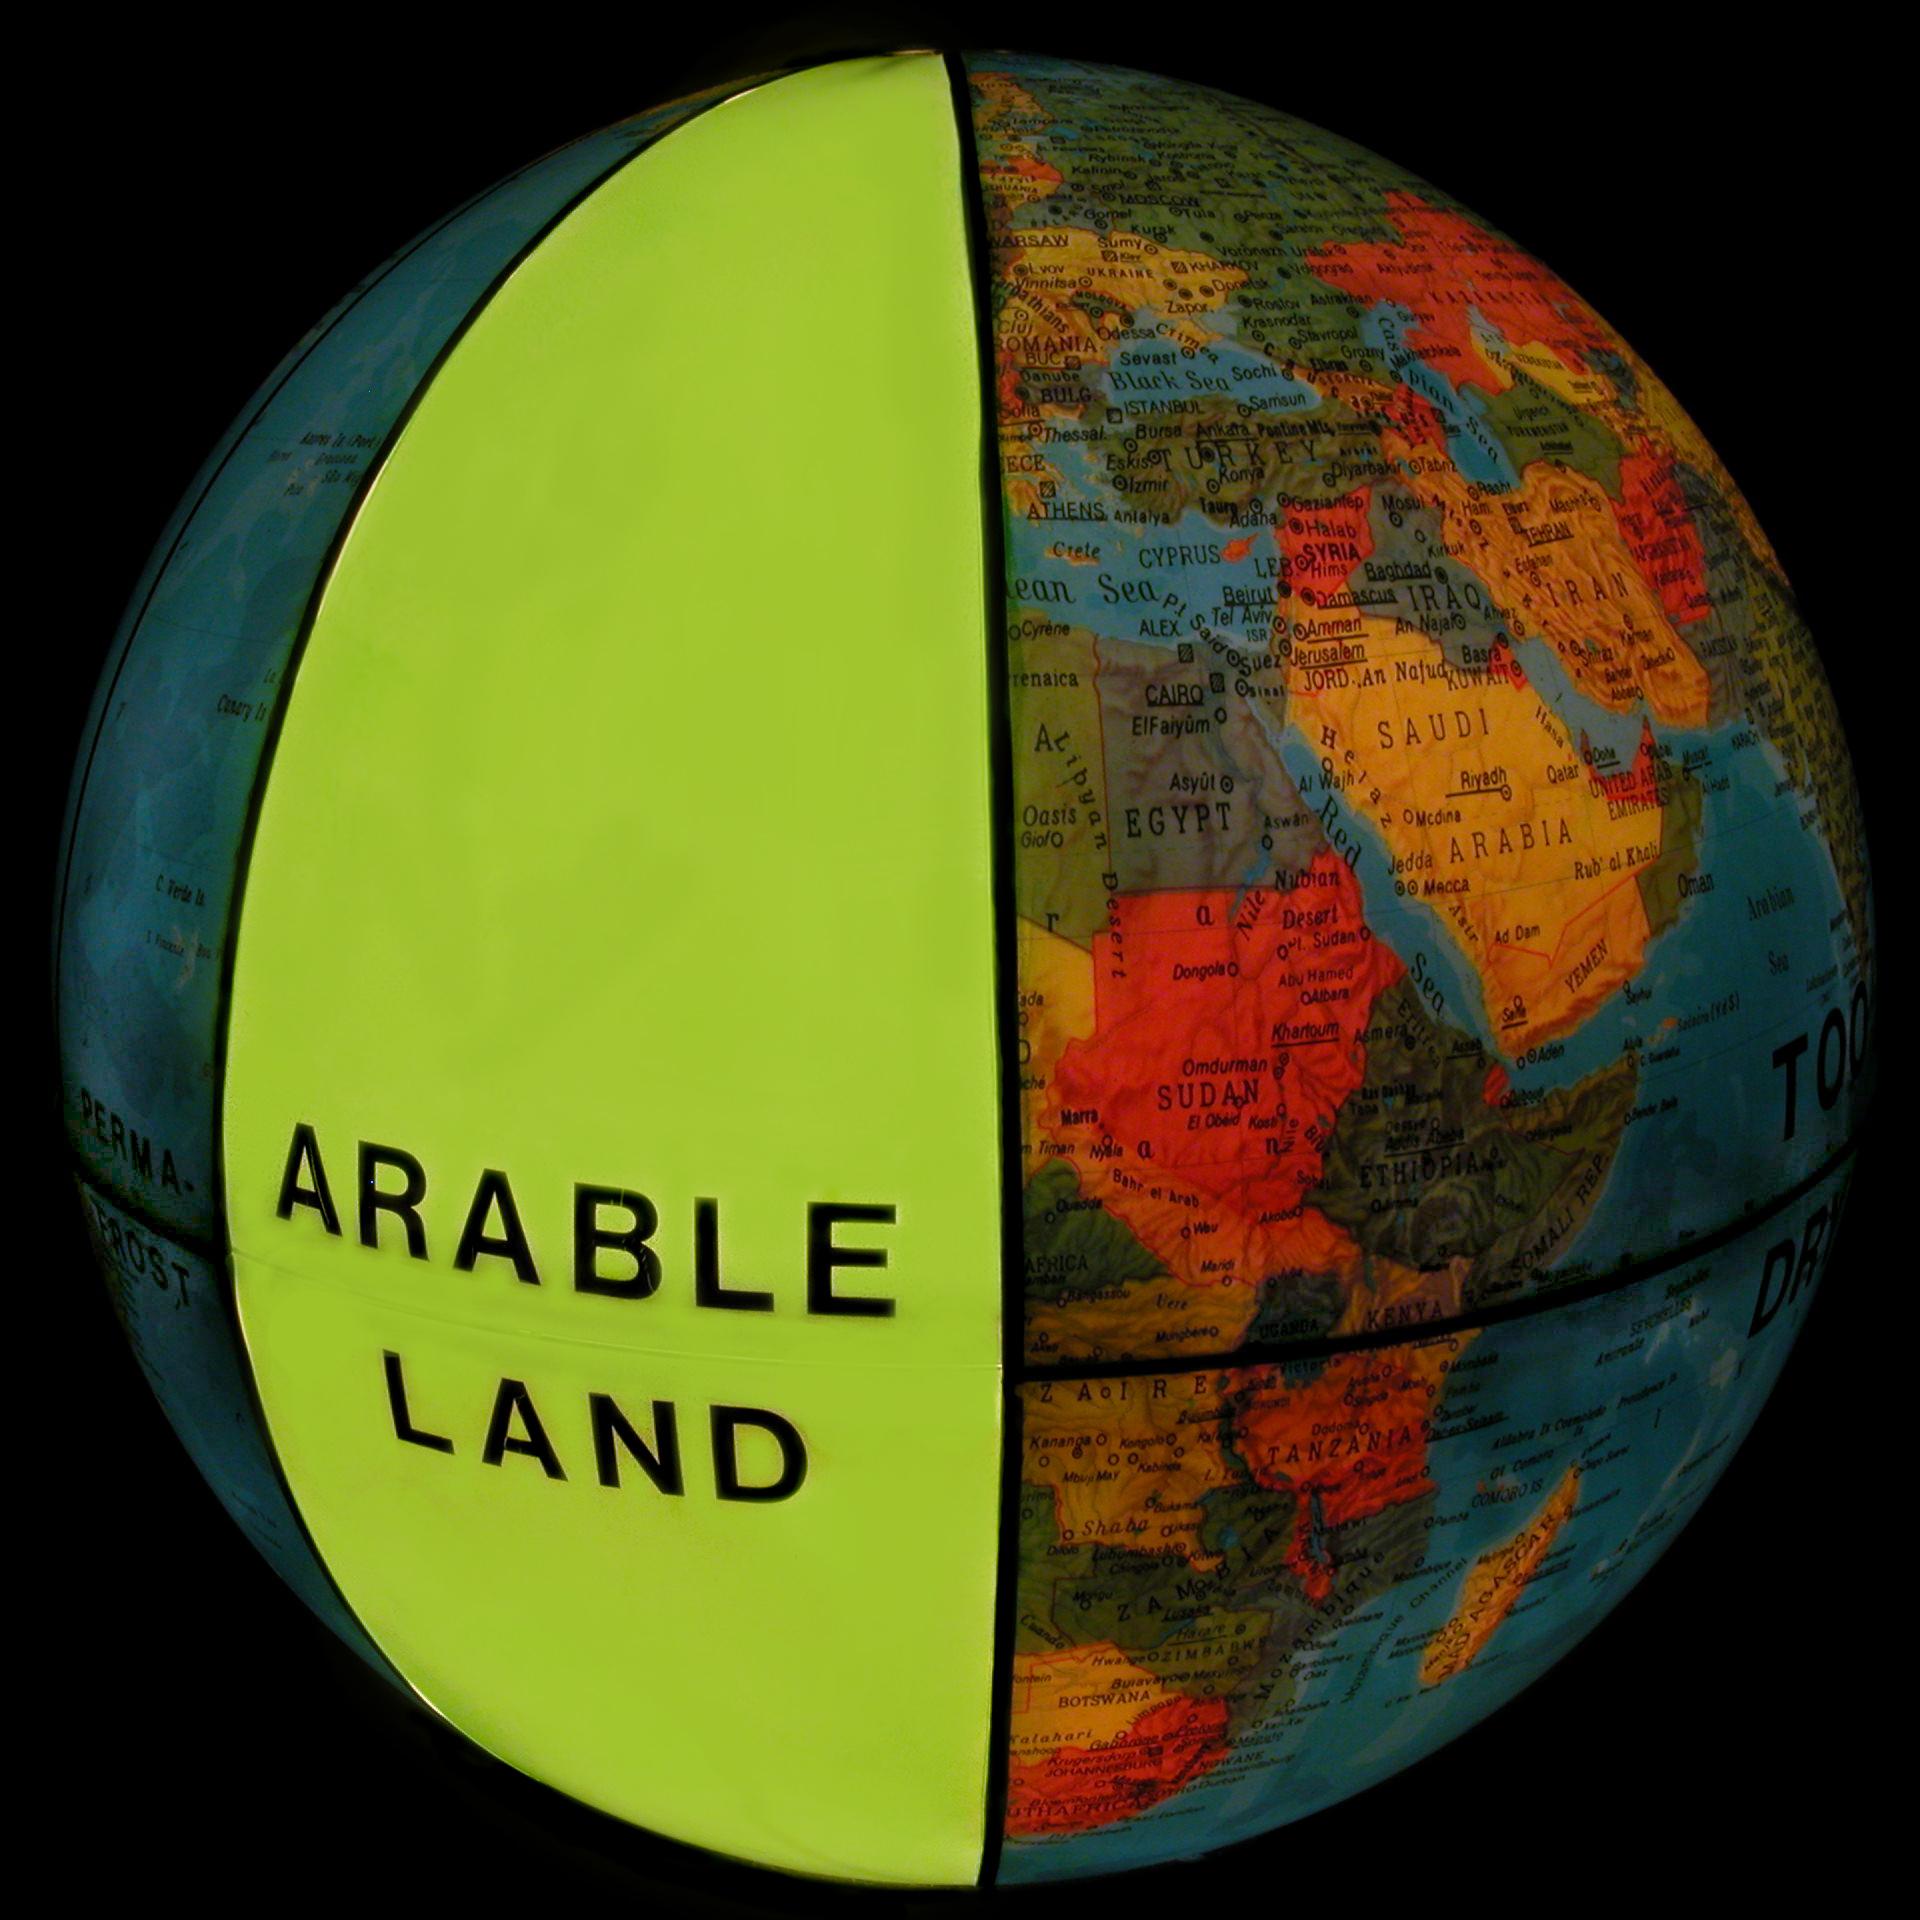 060_arableland.jpg